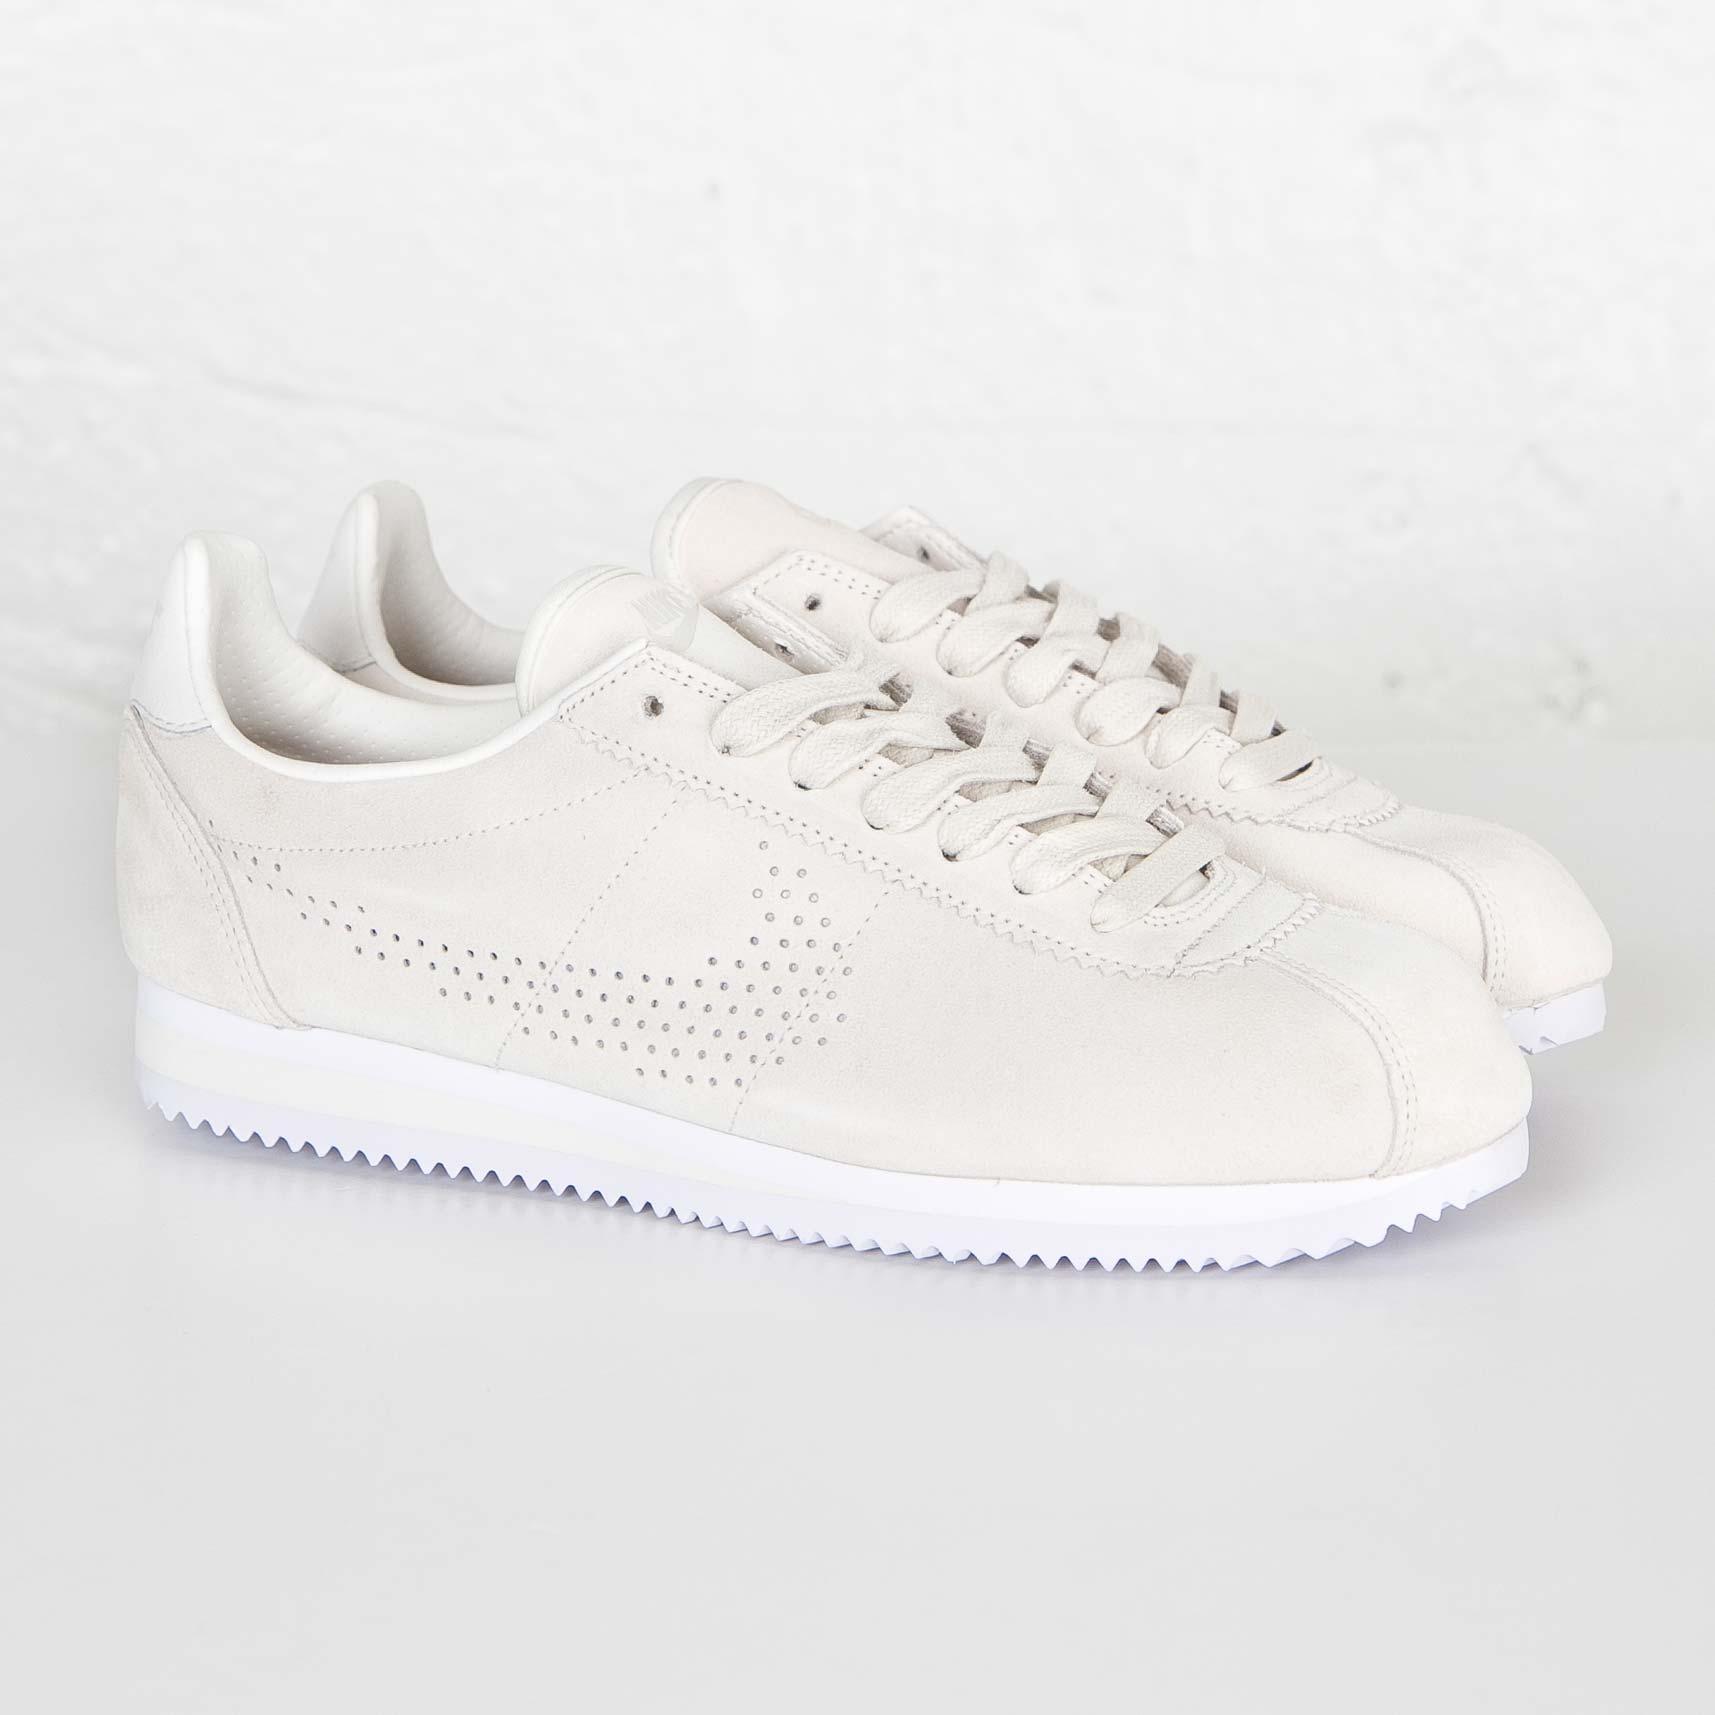 quality design a879b c0dd7 Nike Cortez LX - 823914-055 - Sneakersnstuff   sneakers   streetwear ...